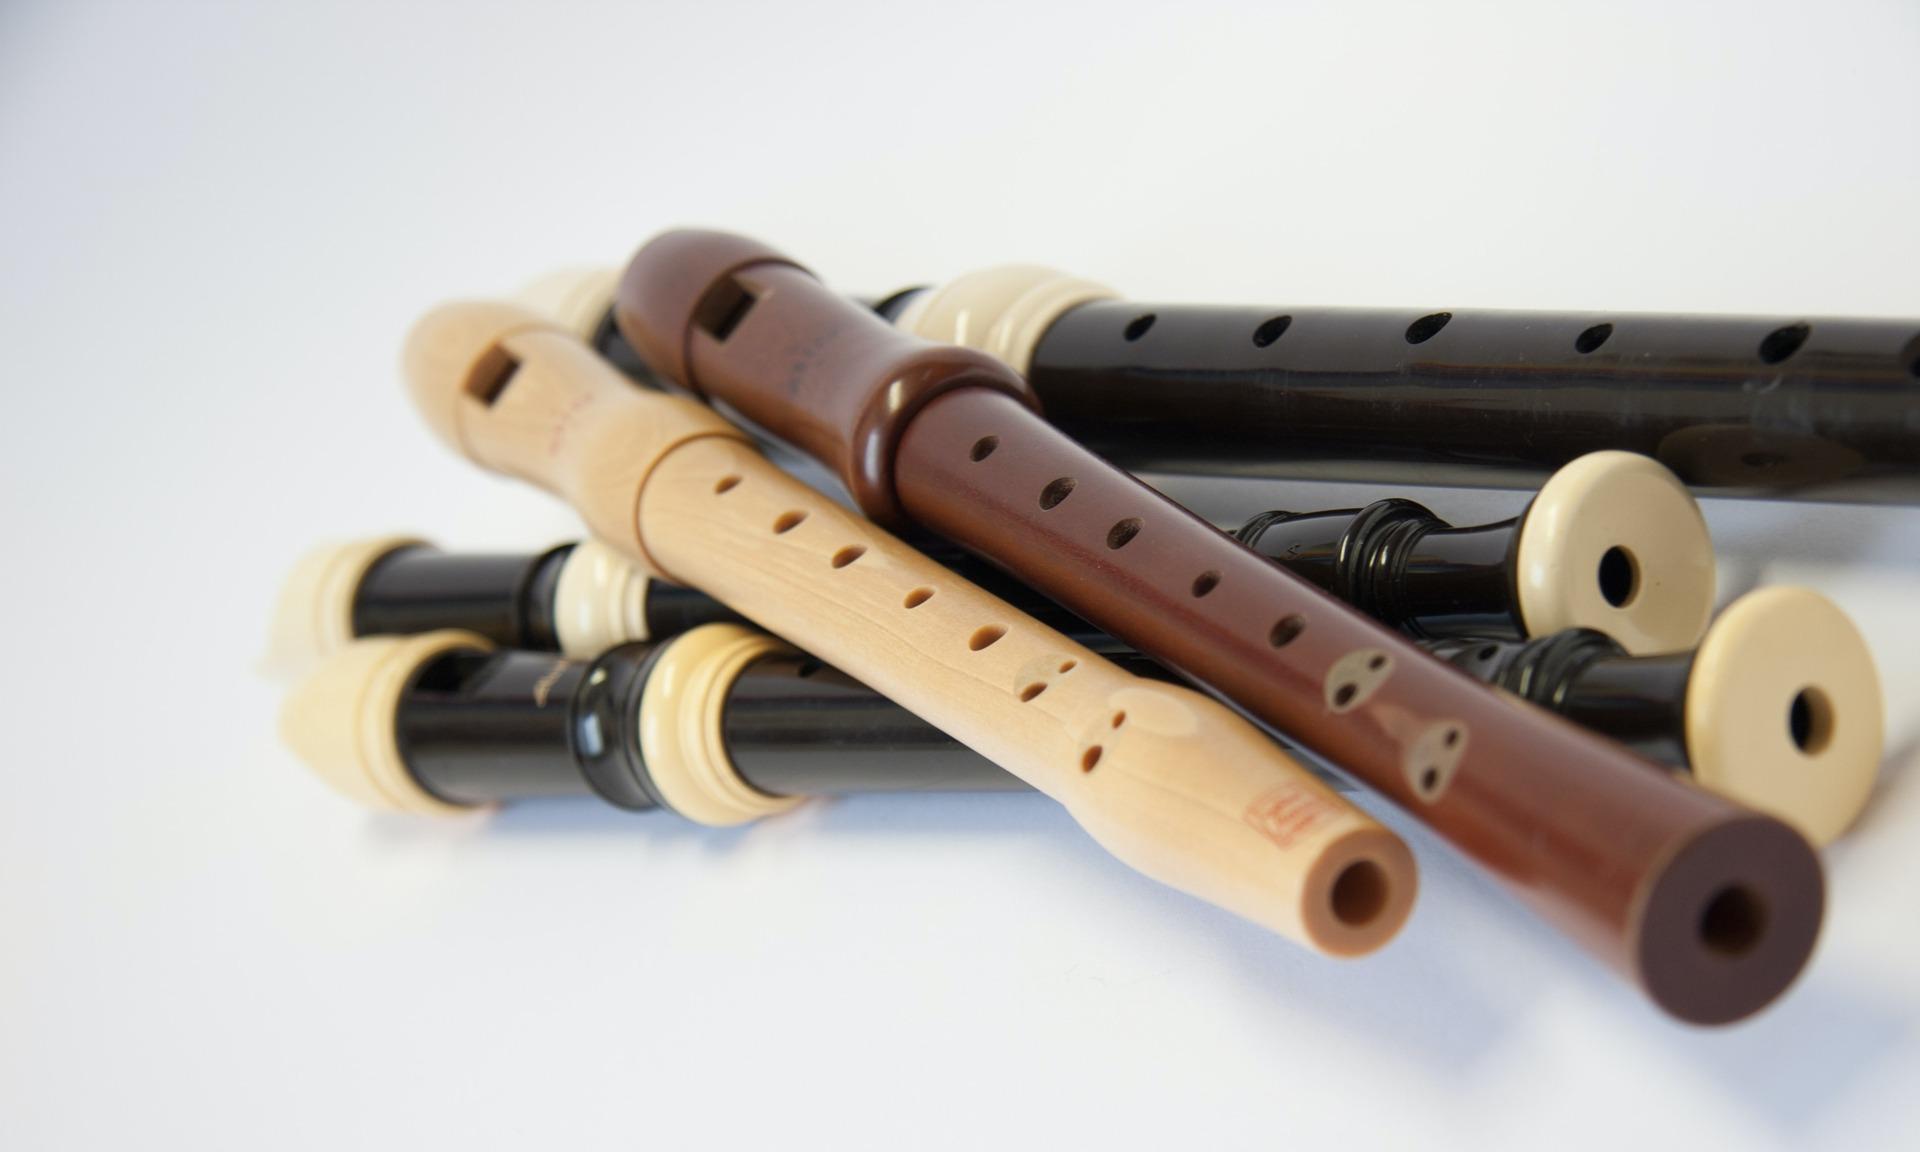 Badgy - Témoignage d'un fabricant d'instruments de musique sur la création de certificats de garantie